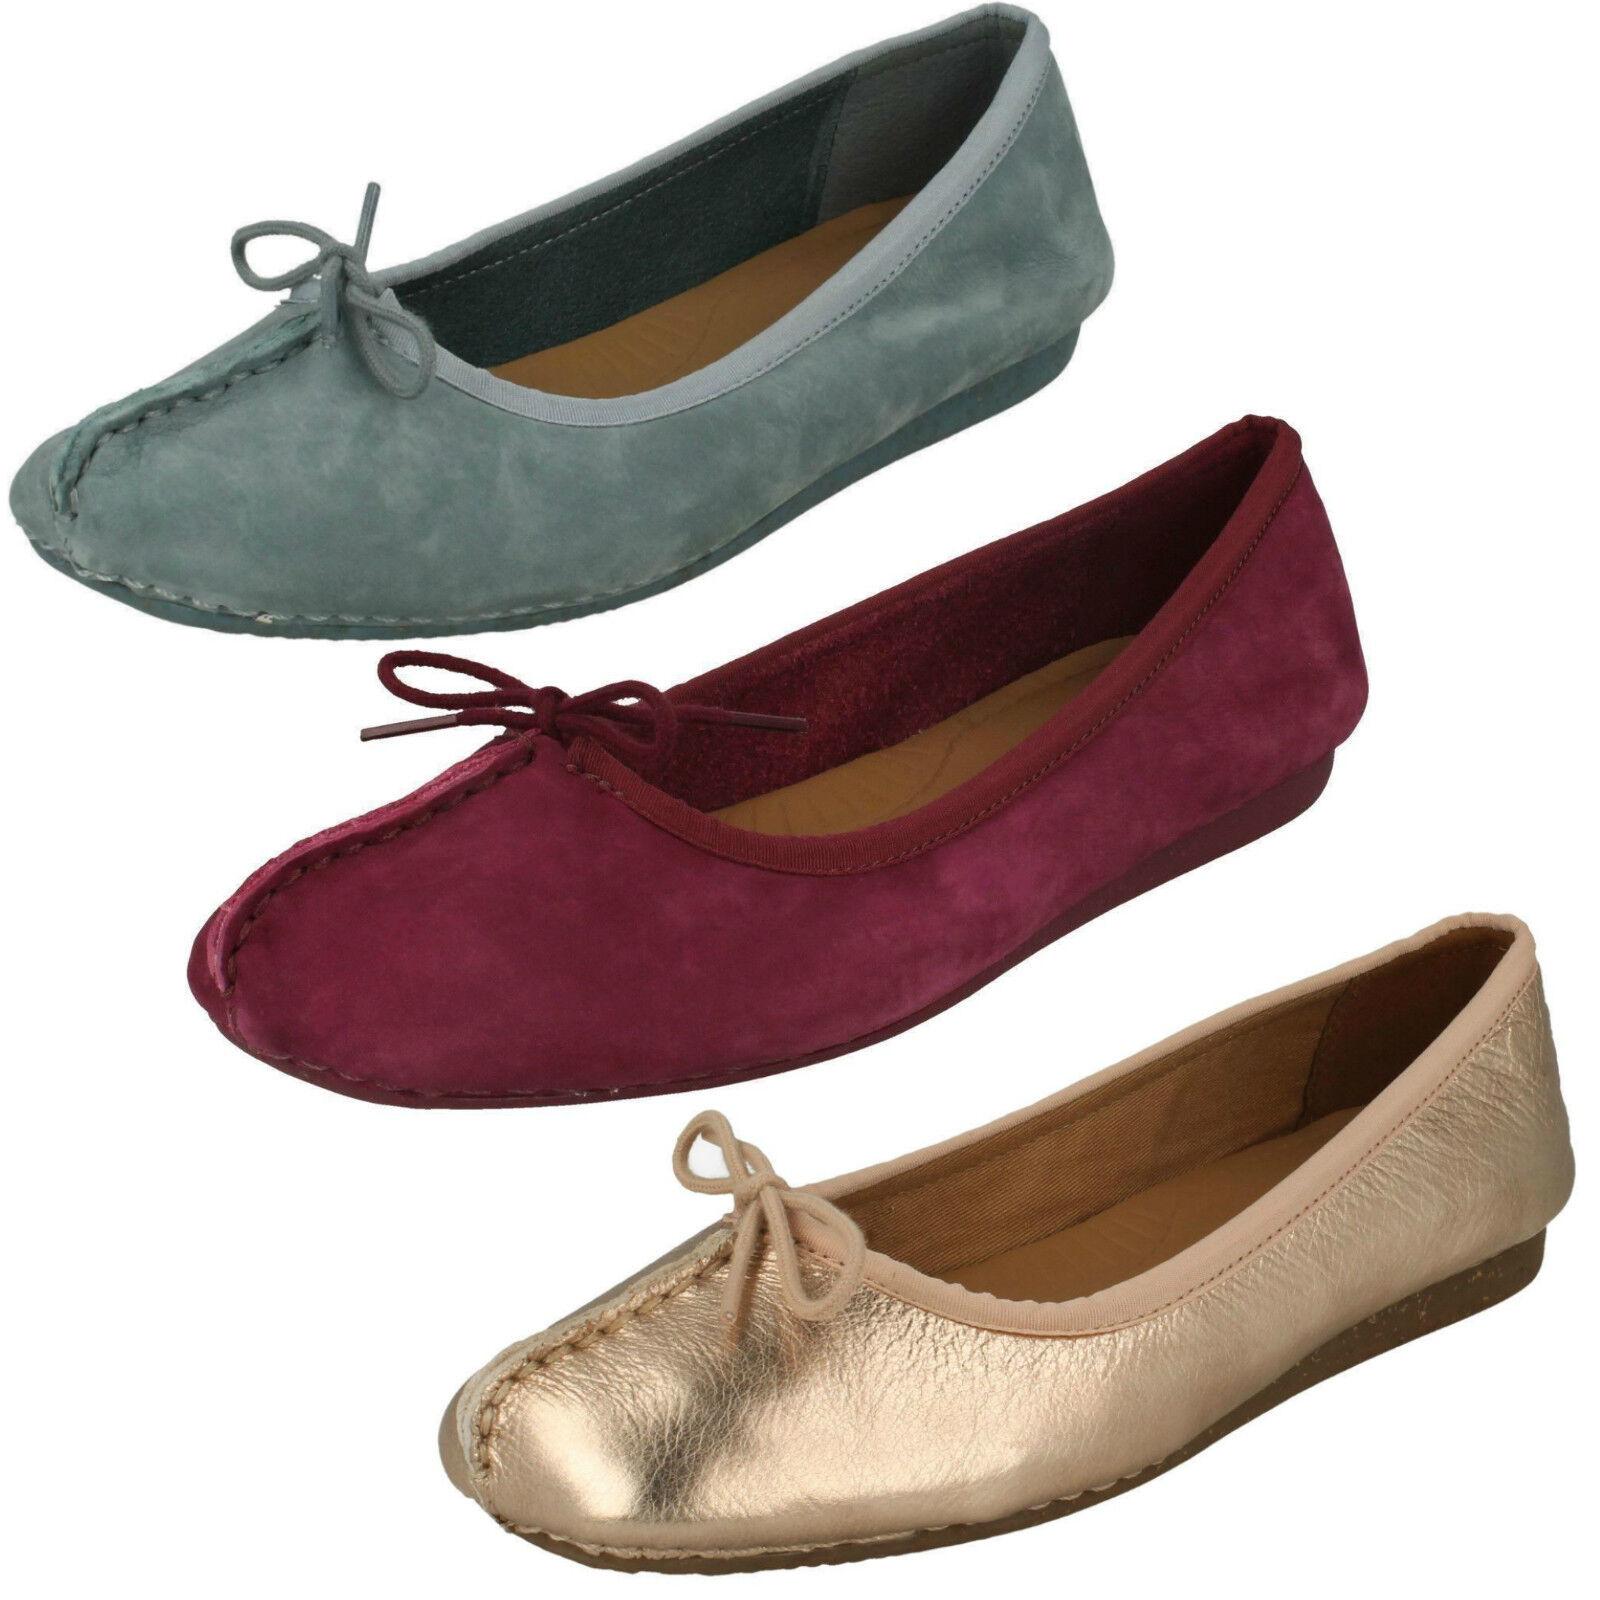 Mujer Clarks Freckle Ice Ice Ice Cuero Zapatos Planos Bailarinas Ancho D  100% precio garantizado